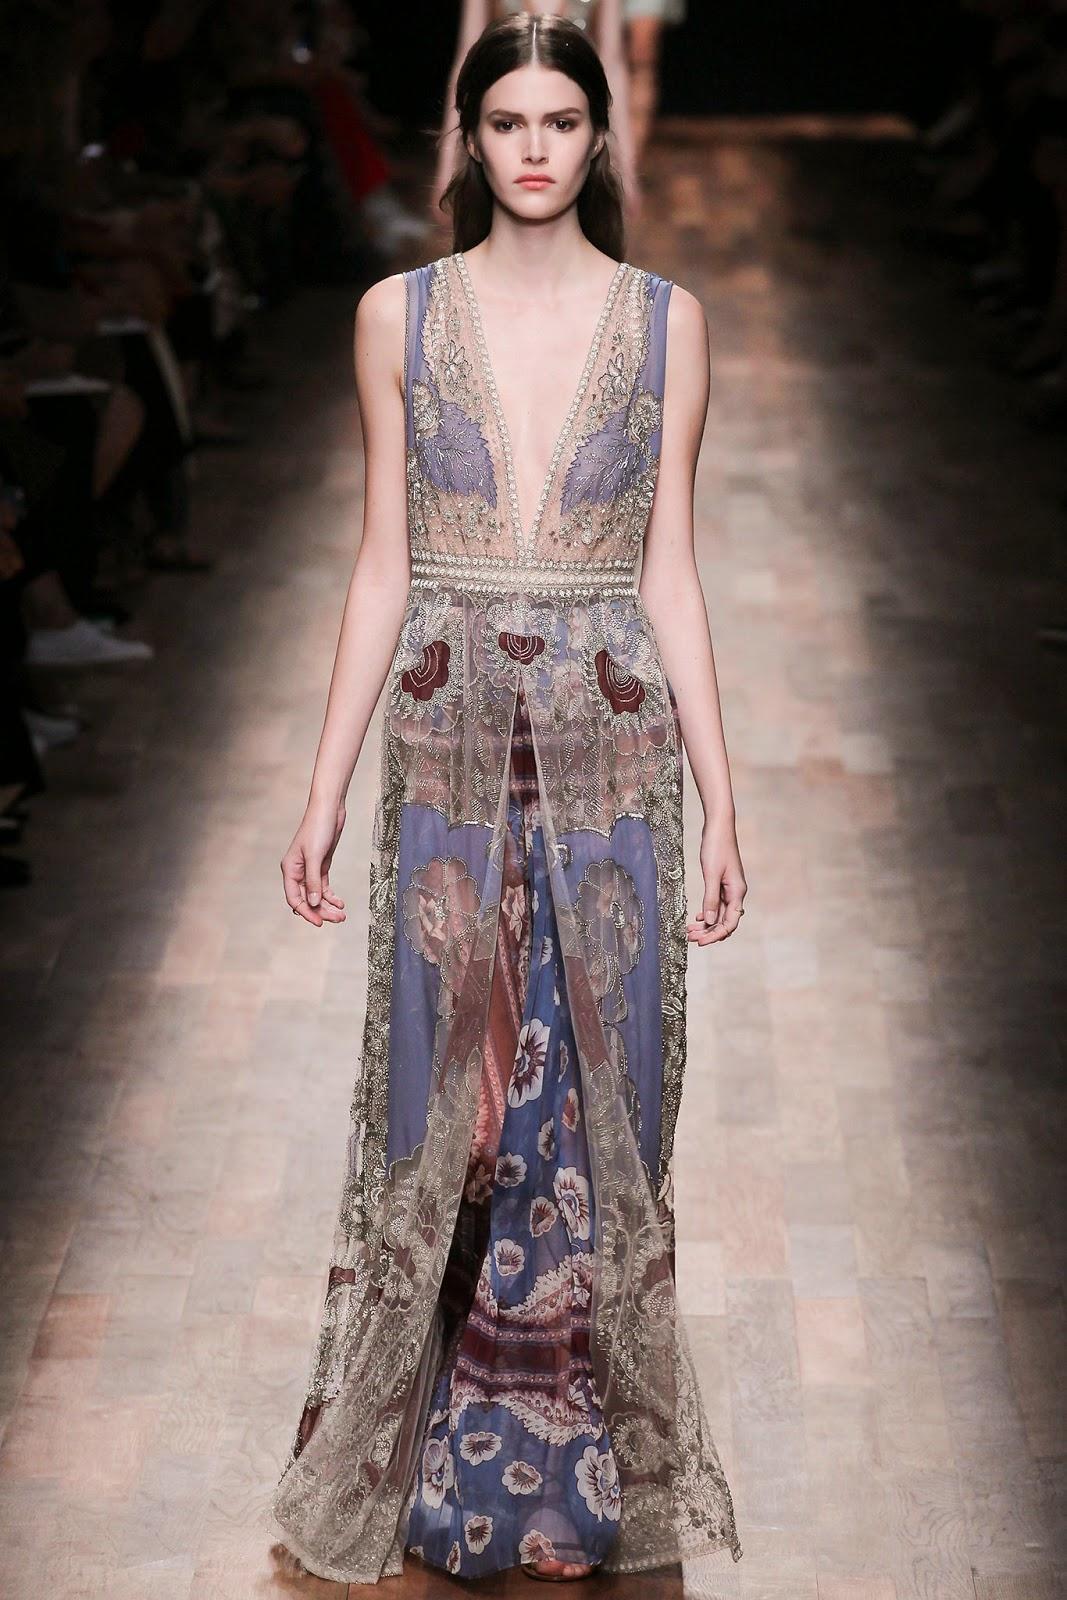 valentino 2015 summer 2016 trend women dress80 Valentino 2015 samling, våren sommaren 2016 Valentino klänning modeller, Valentino kväll klänning nya säsongen kvinnors kjolar modeller